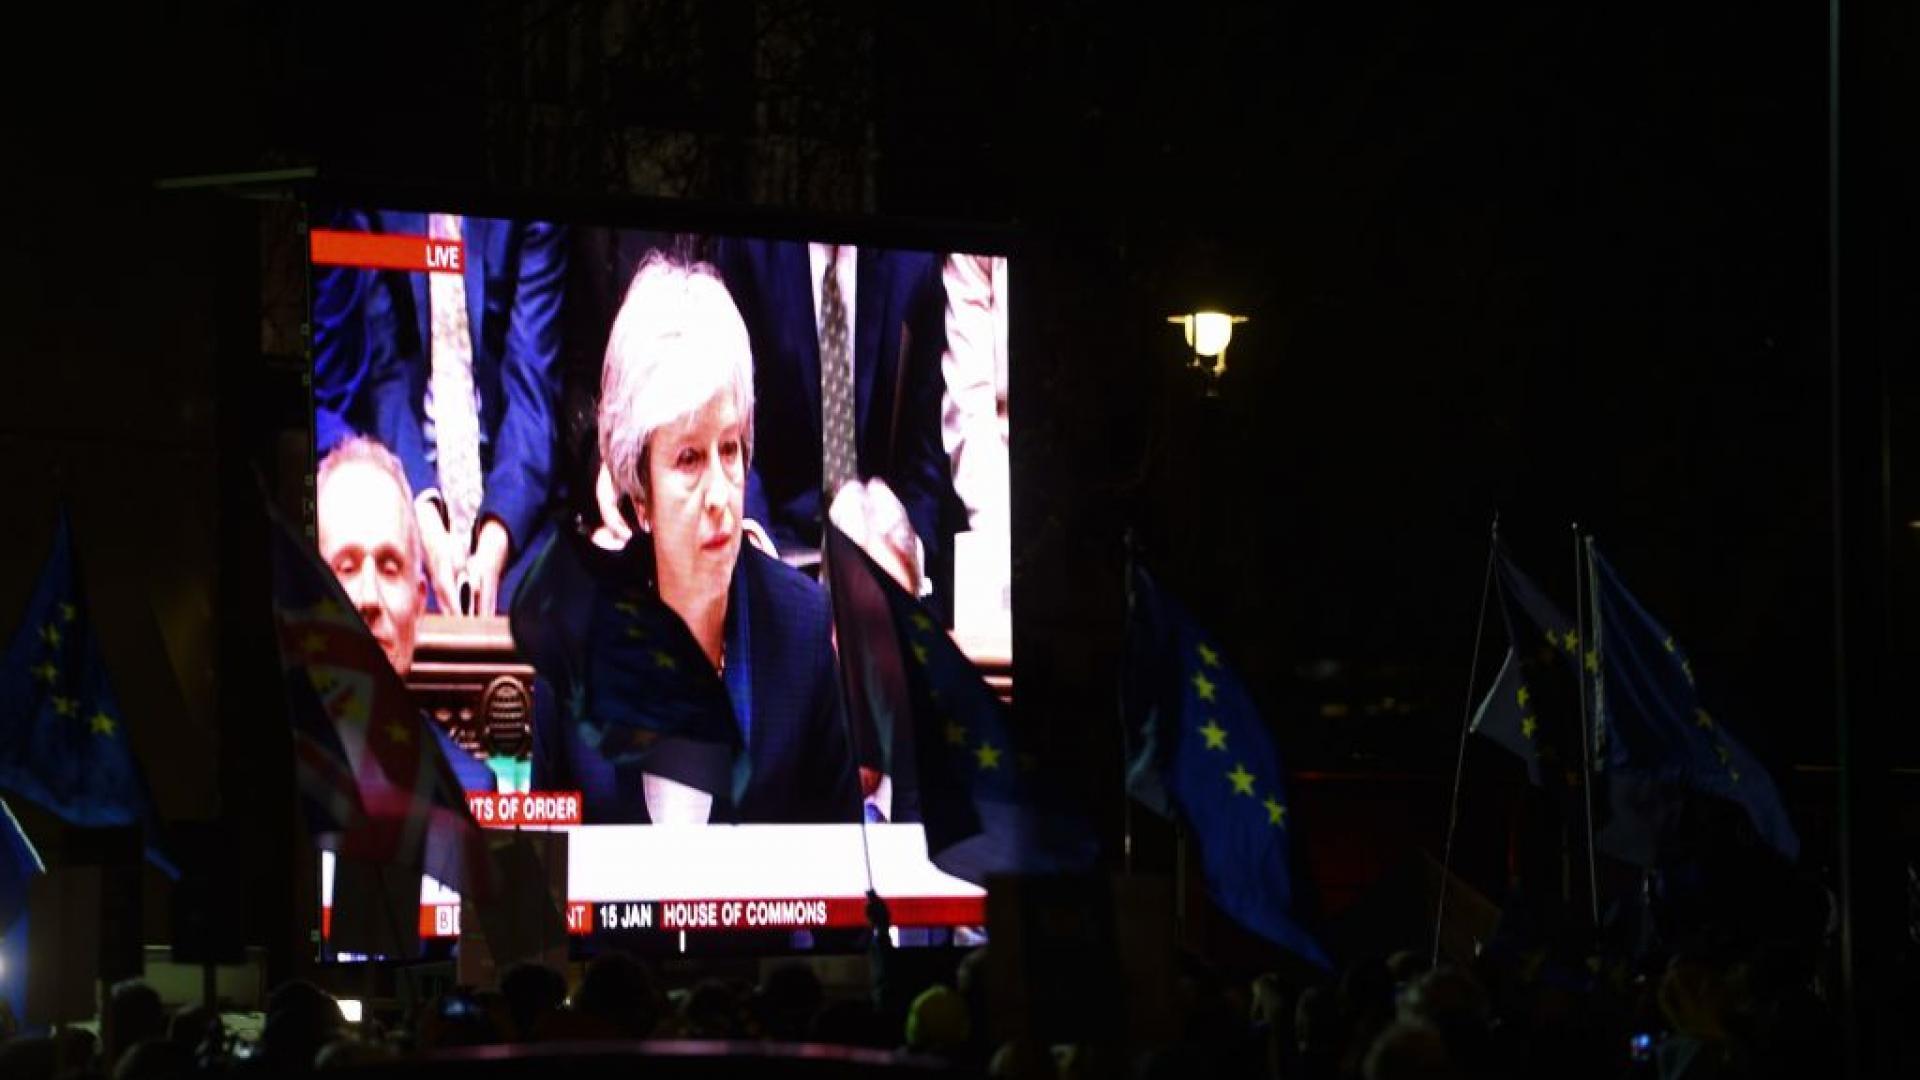 أكبر خسارة لحكومة بريطانية.. ماي تخفق في خروج بريطانيا من الاتحاد الأوروبي